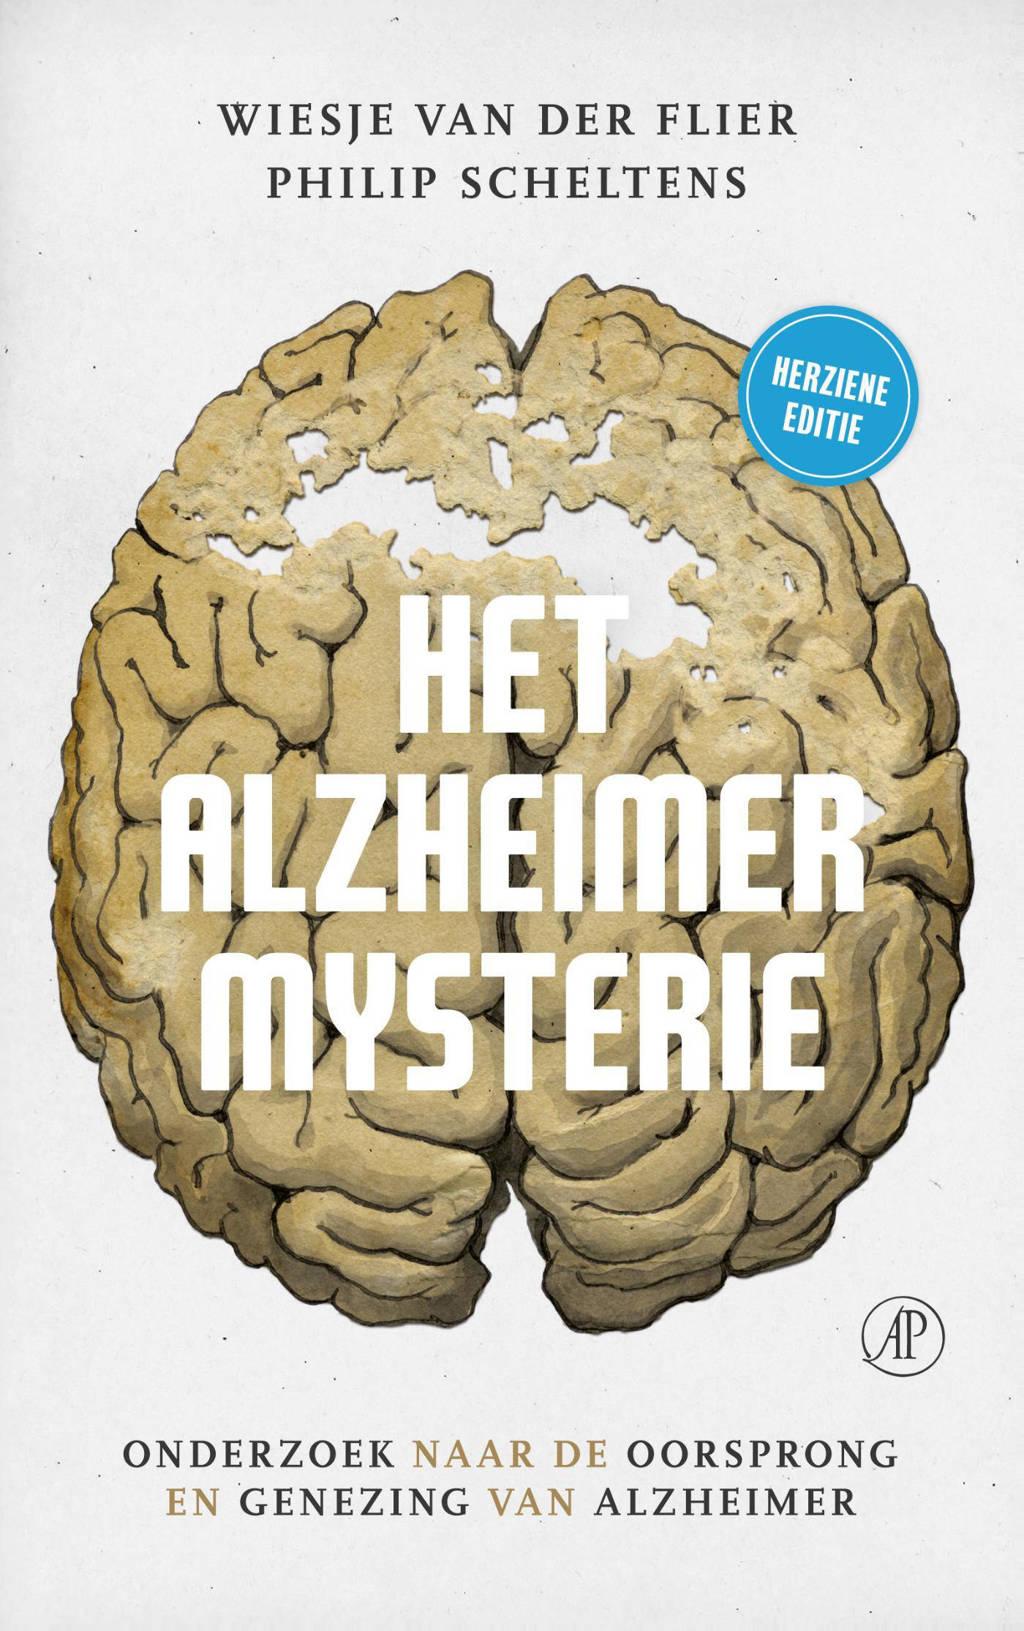 Het alzheimermysterie - Wiesje van der Flier en Philip Scheltens